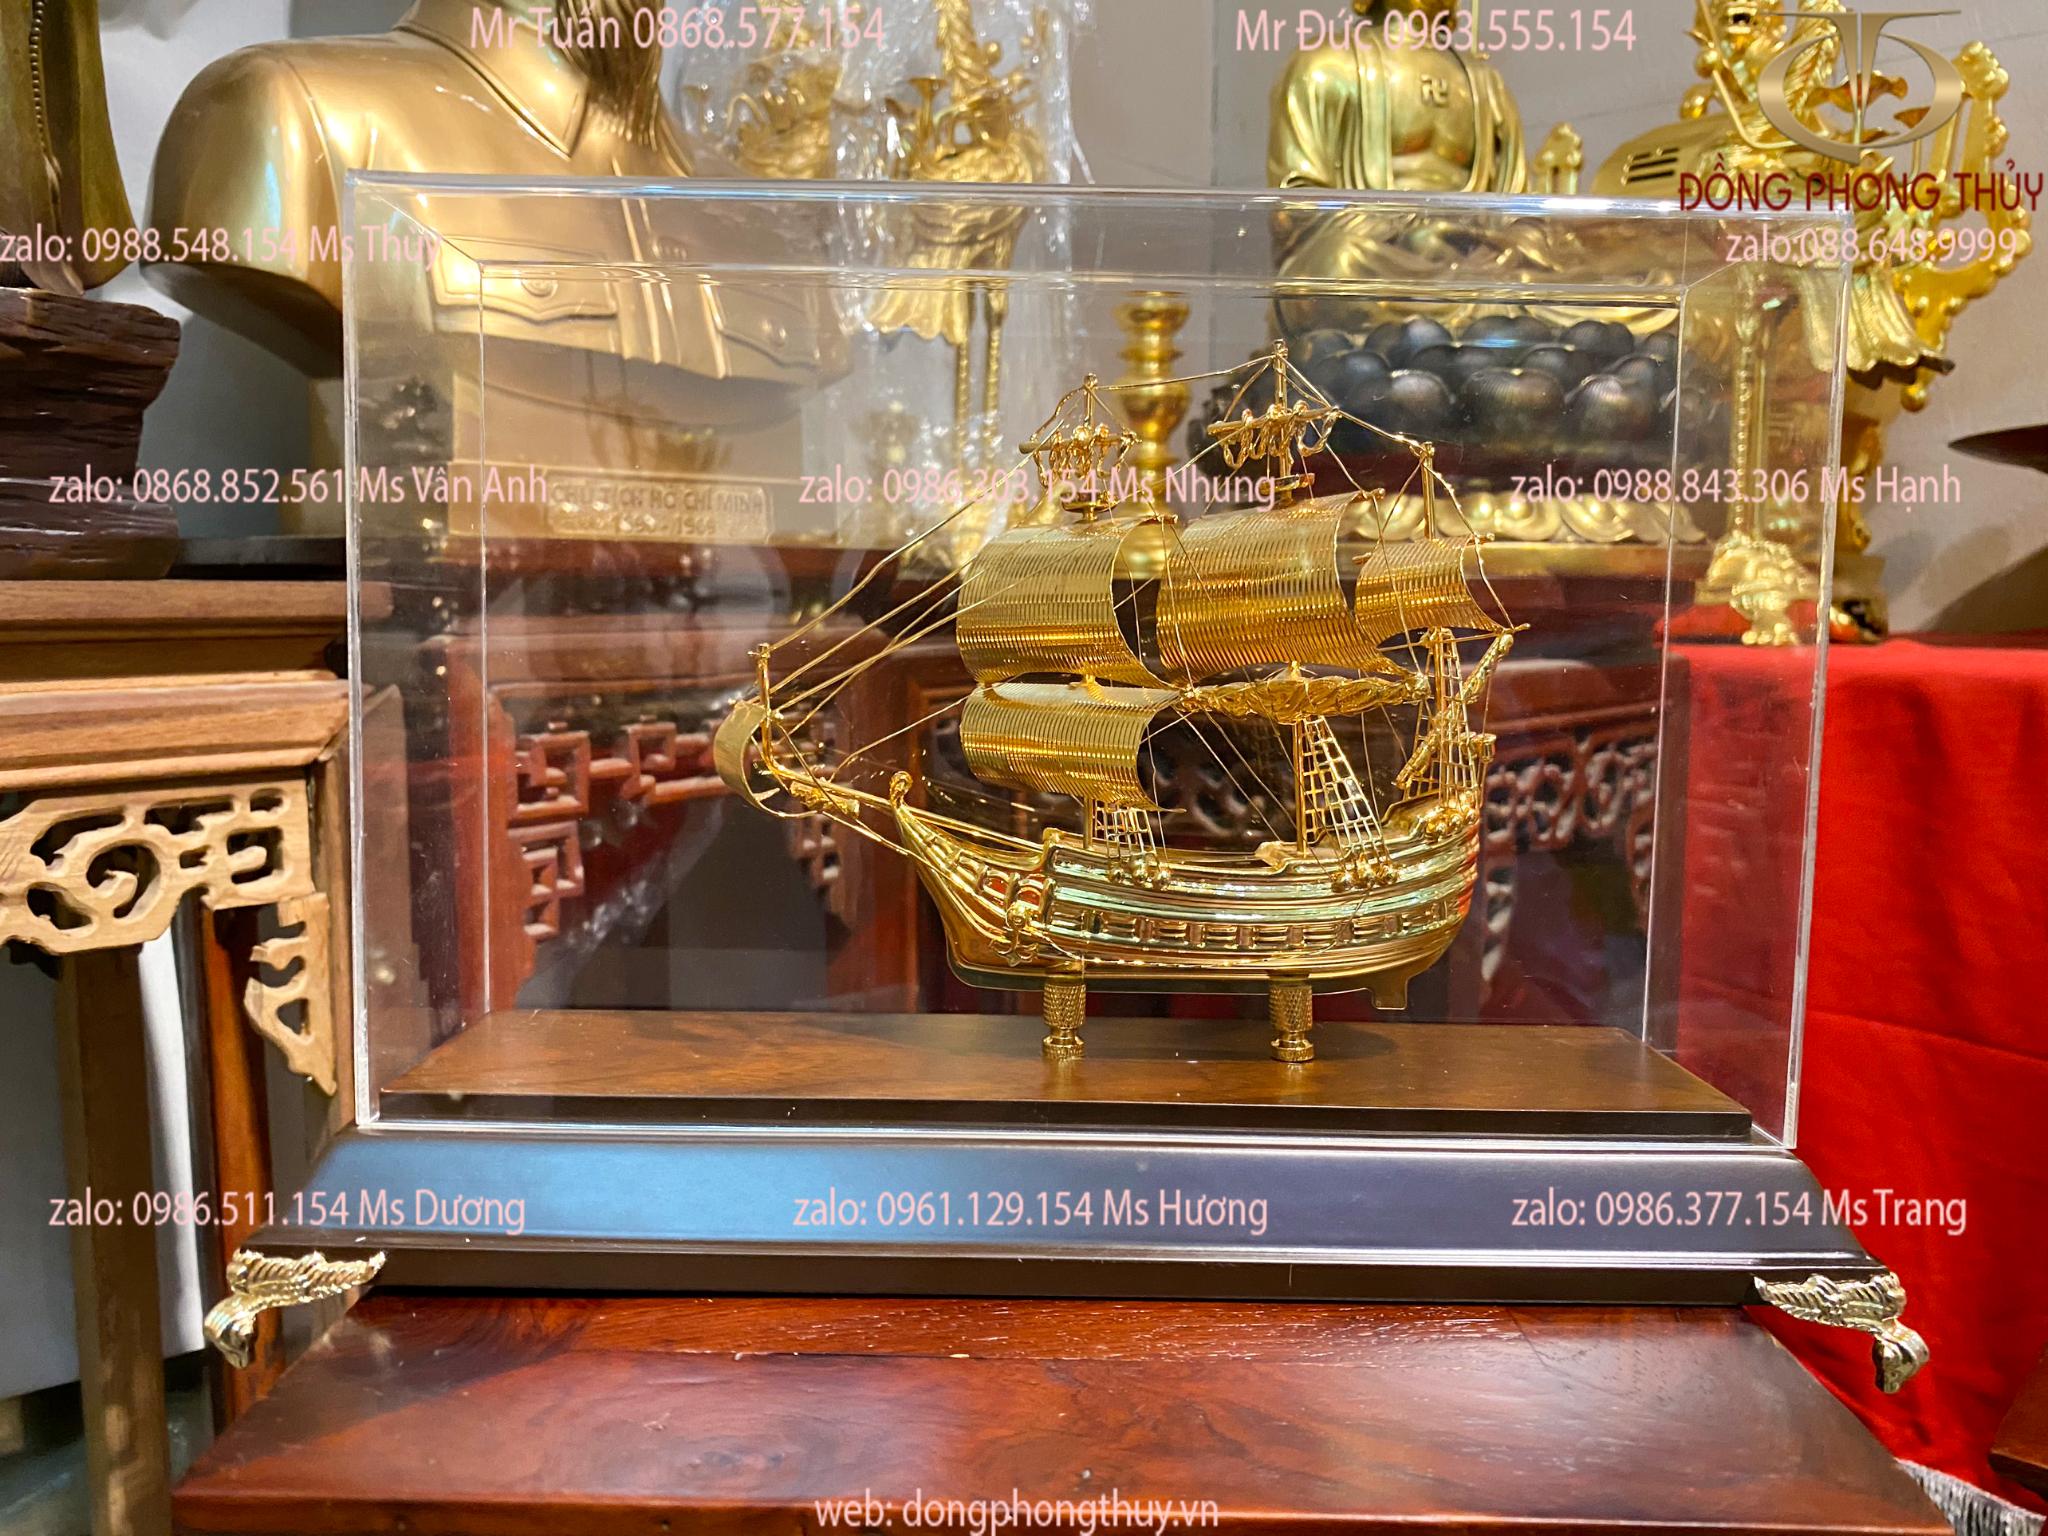 Quà tặng sếp thuyền buồm mạ vàng 24k